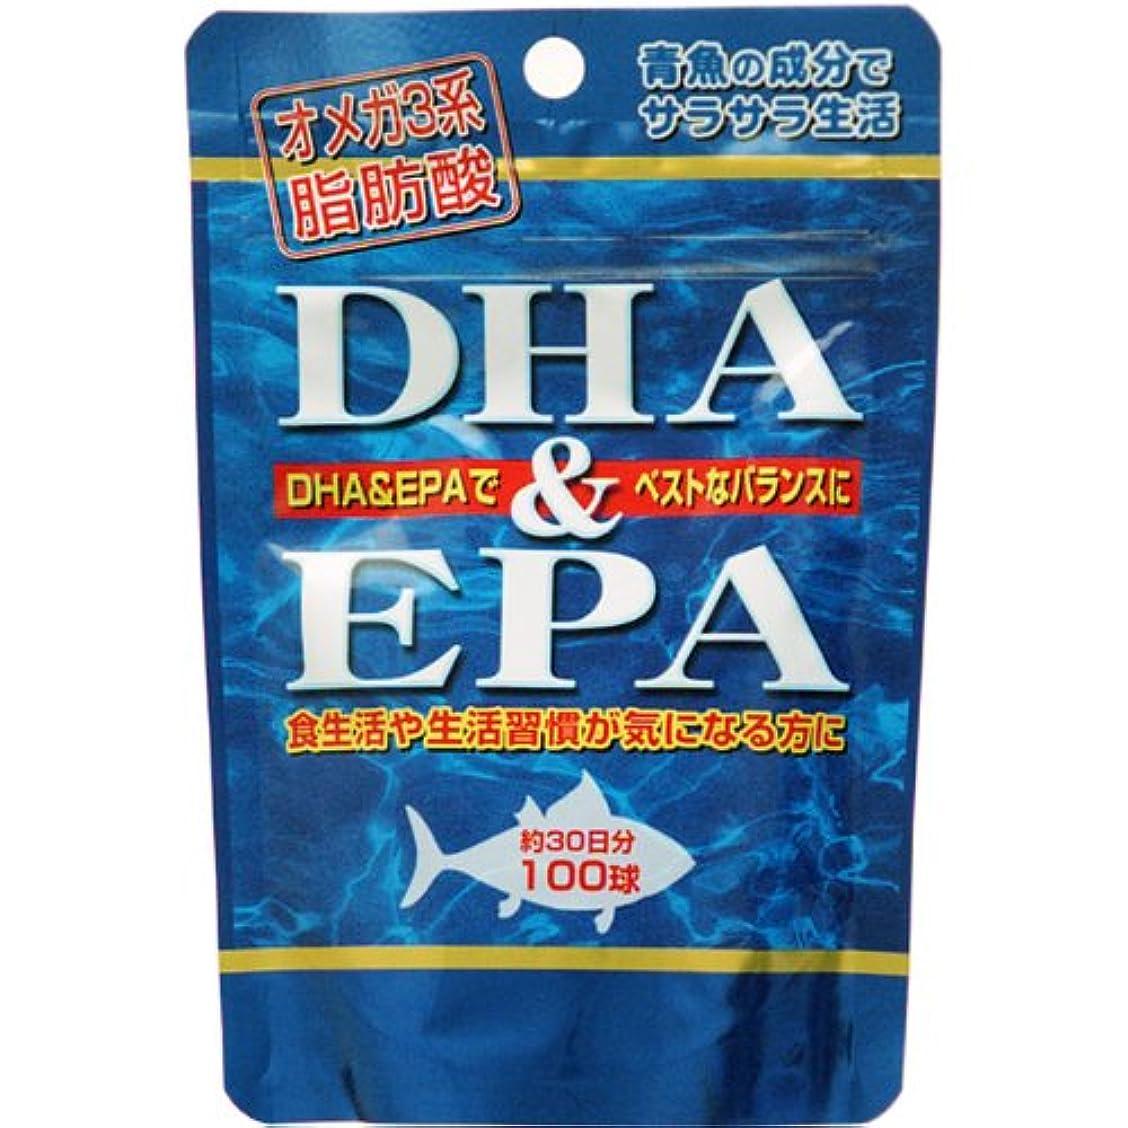 大腿オーブン突き出すDHA(ドコサヘキサエン酸)&EPA(エイコサペンタエン酸)×5